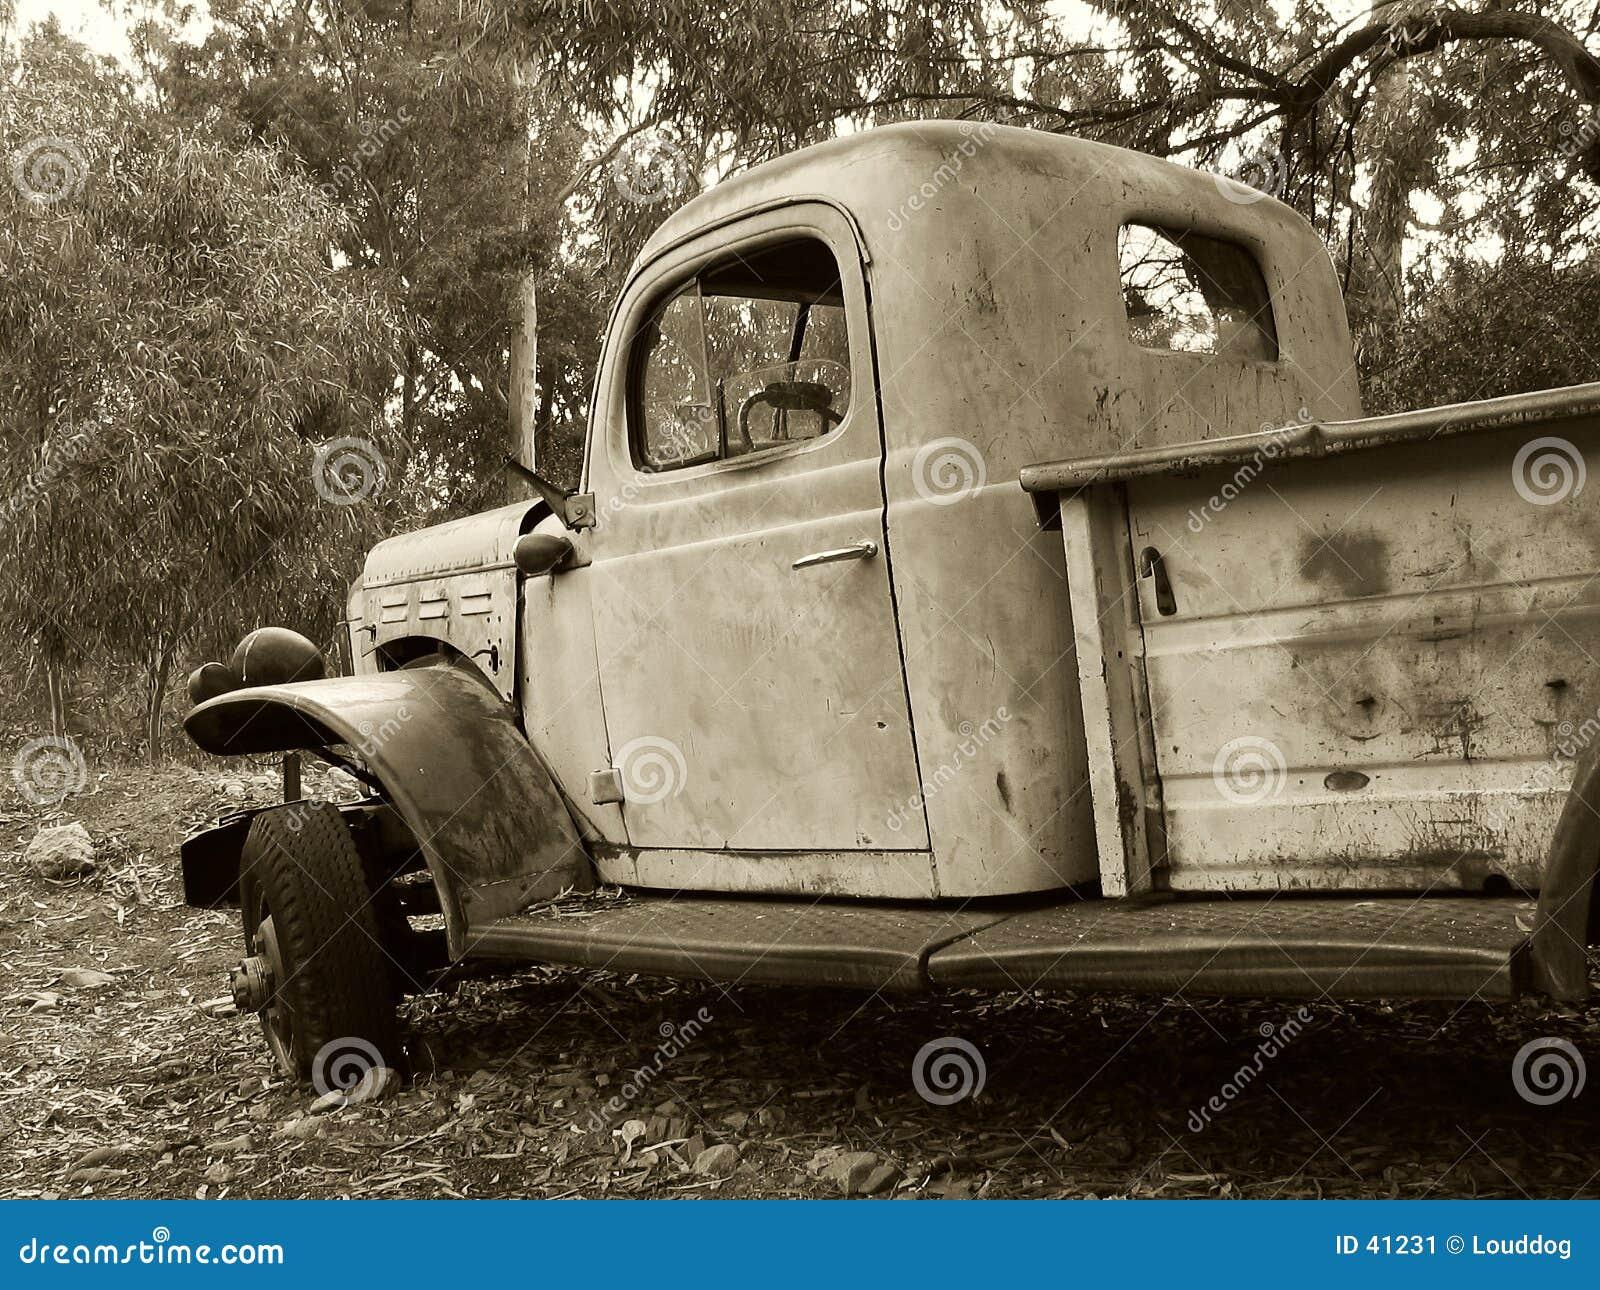 Truck in Sepia